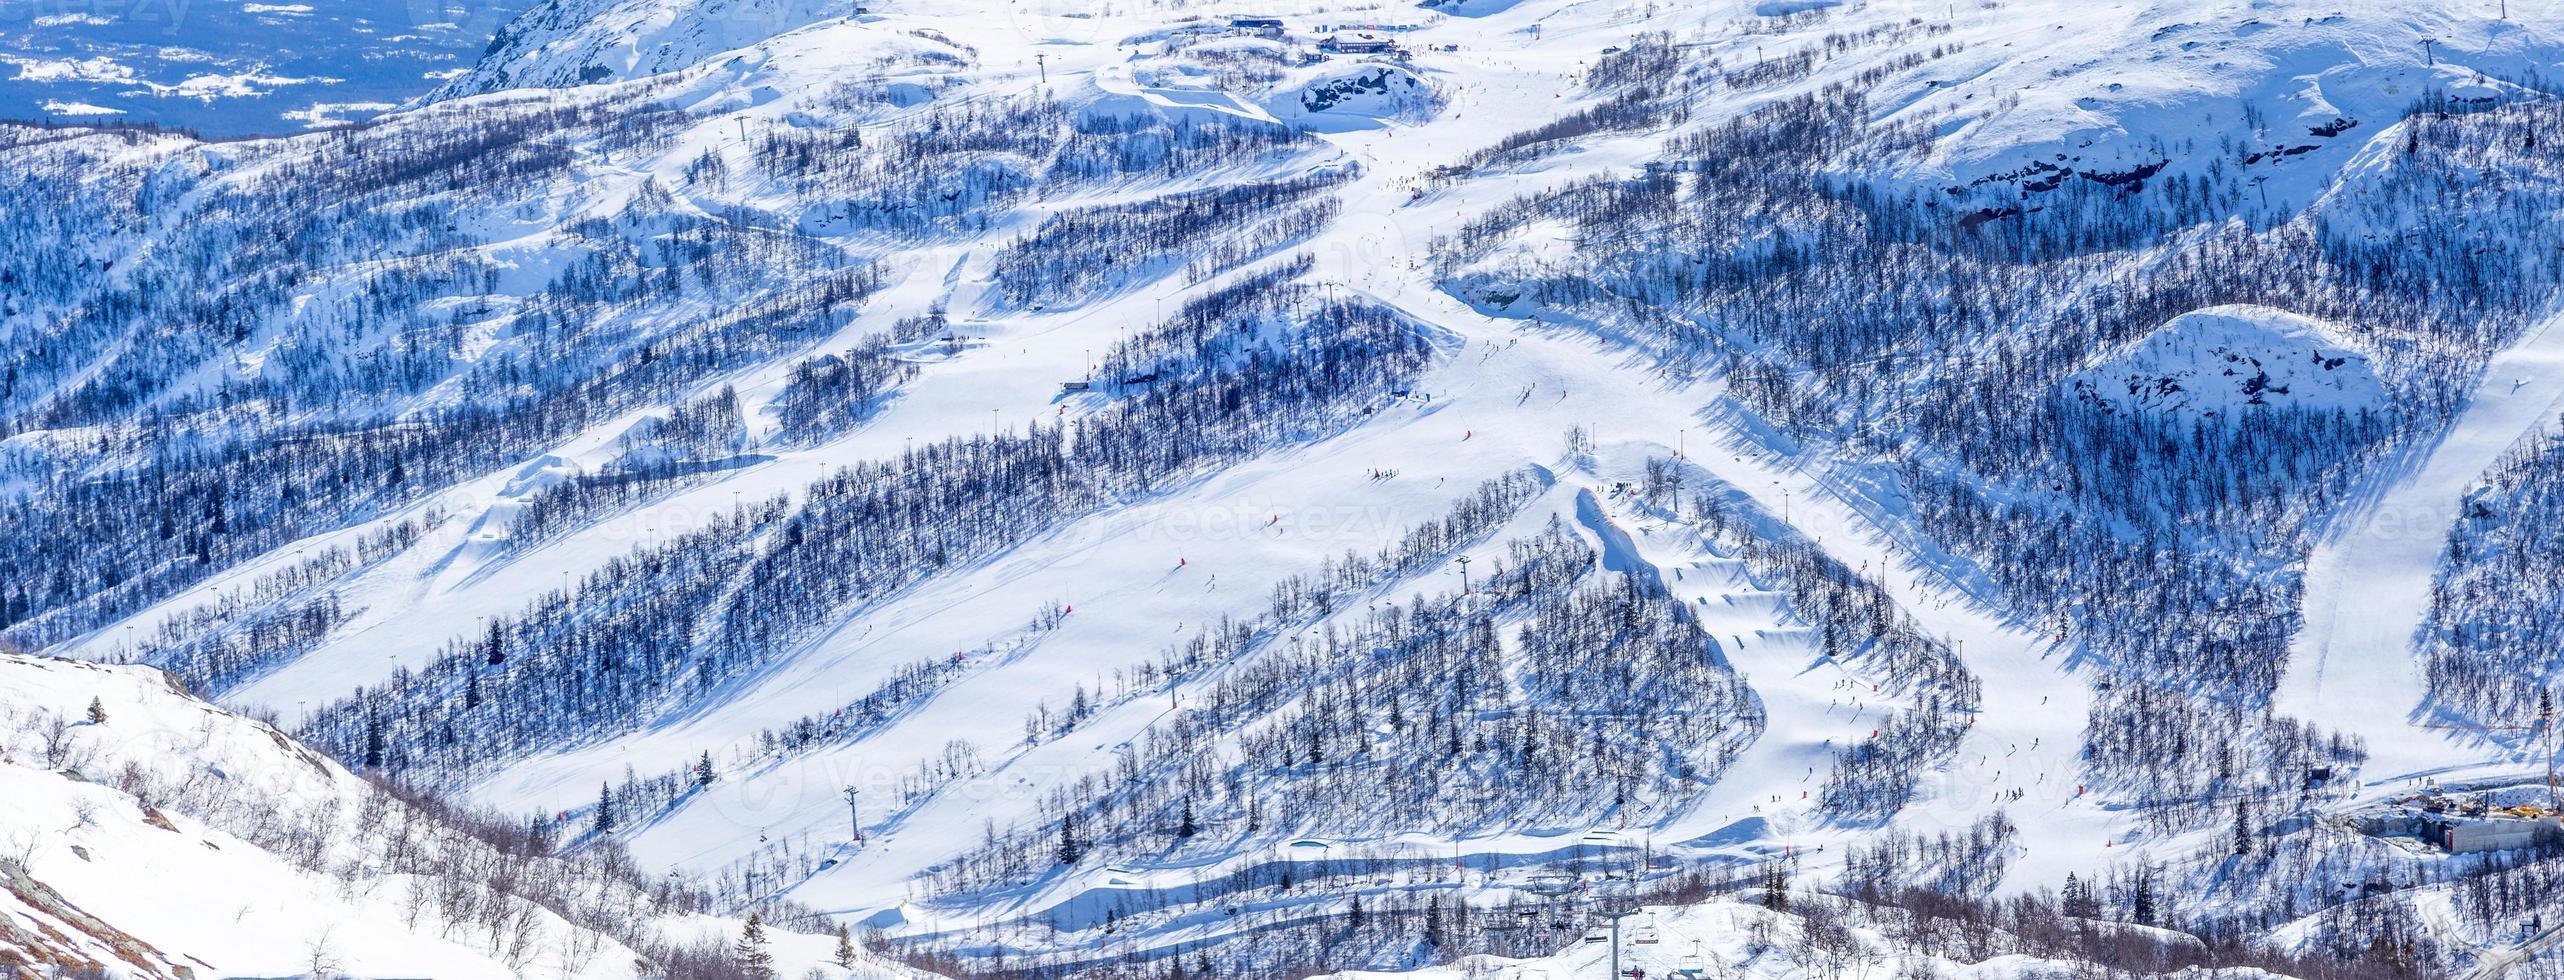 Ski slopes in Hemsedal photo